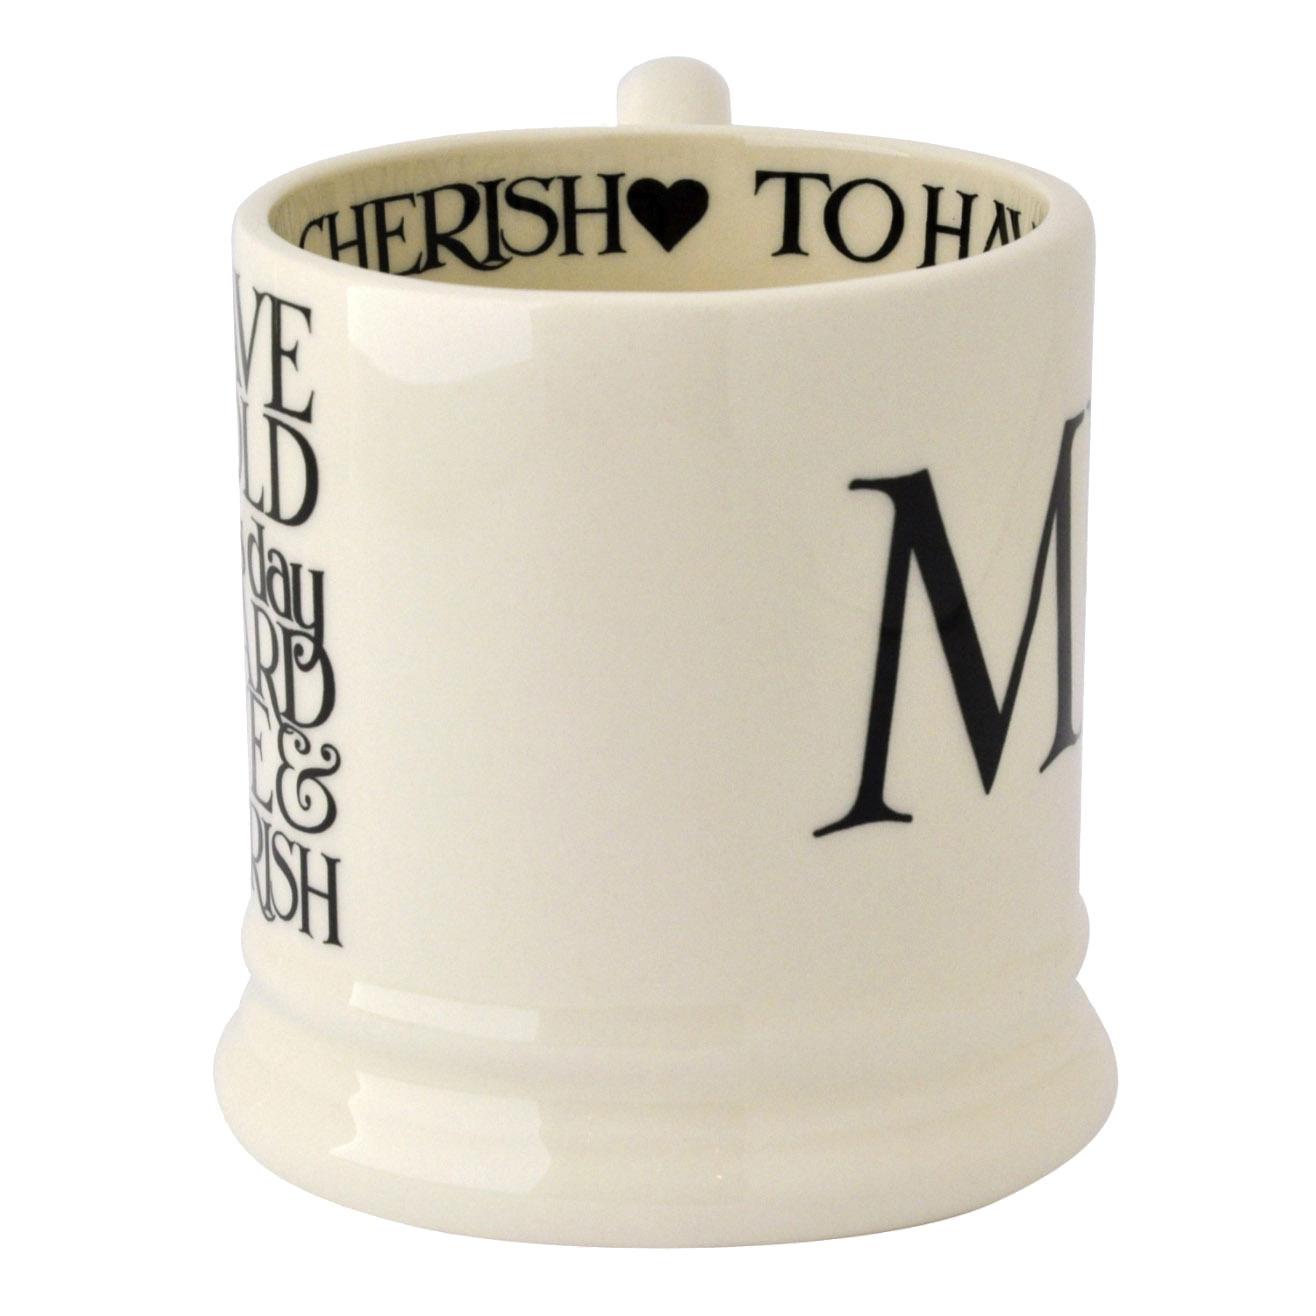 Mr & Mrs Set - 2 1/2 Pint Mugs Box-3